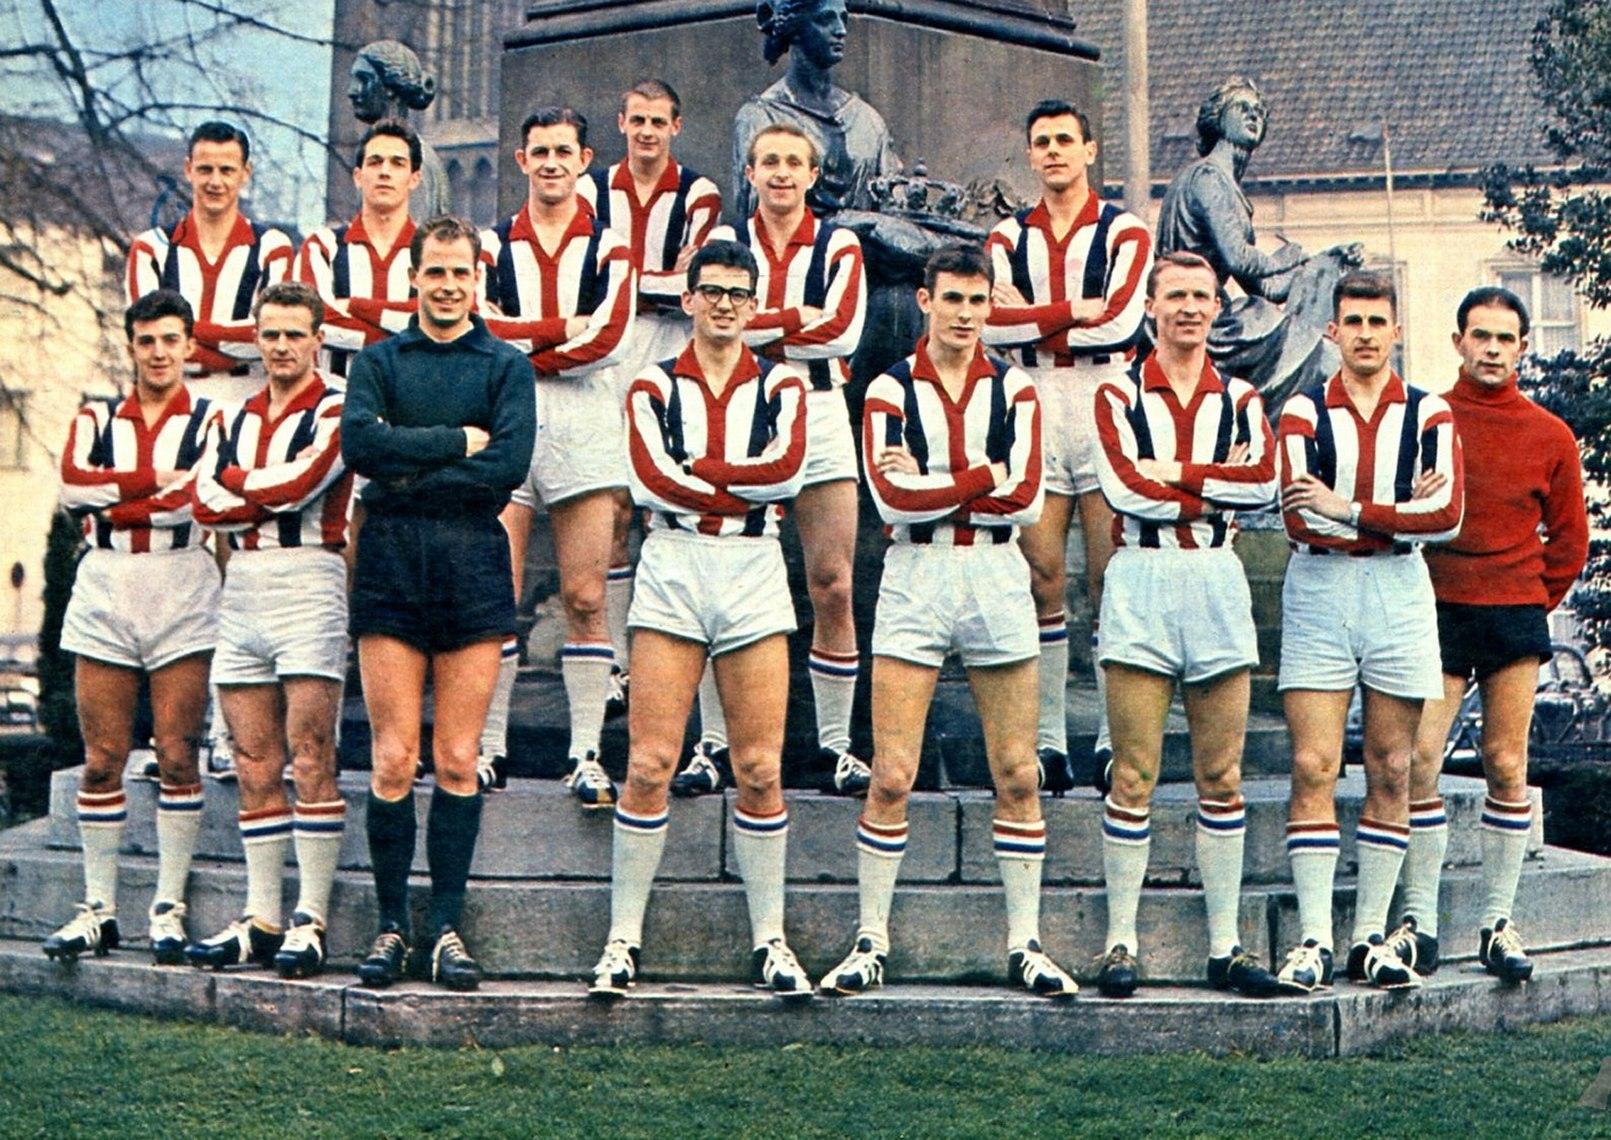 Willem II se quedó con la camiseta más linda de la historia | Imagen Eredivisie